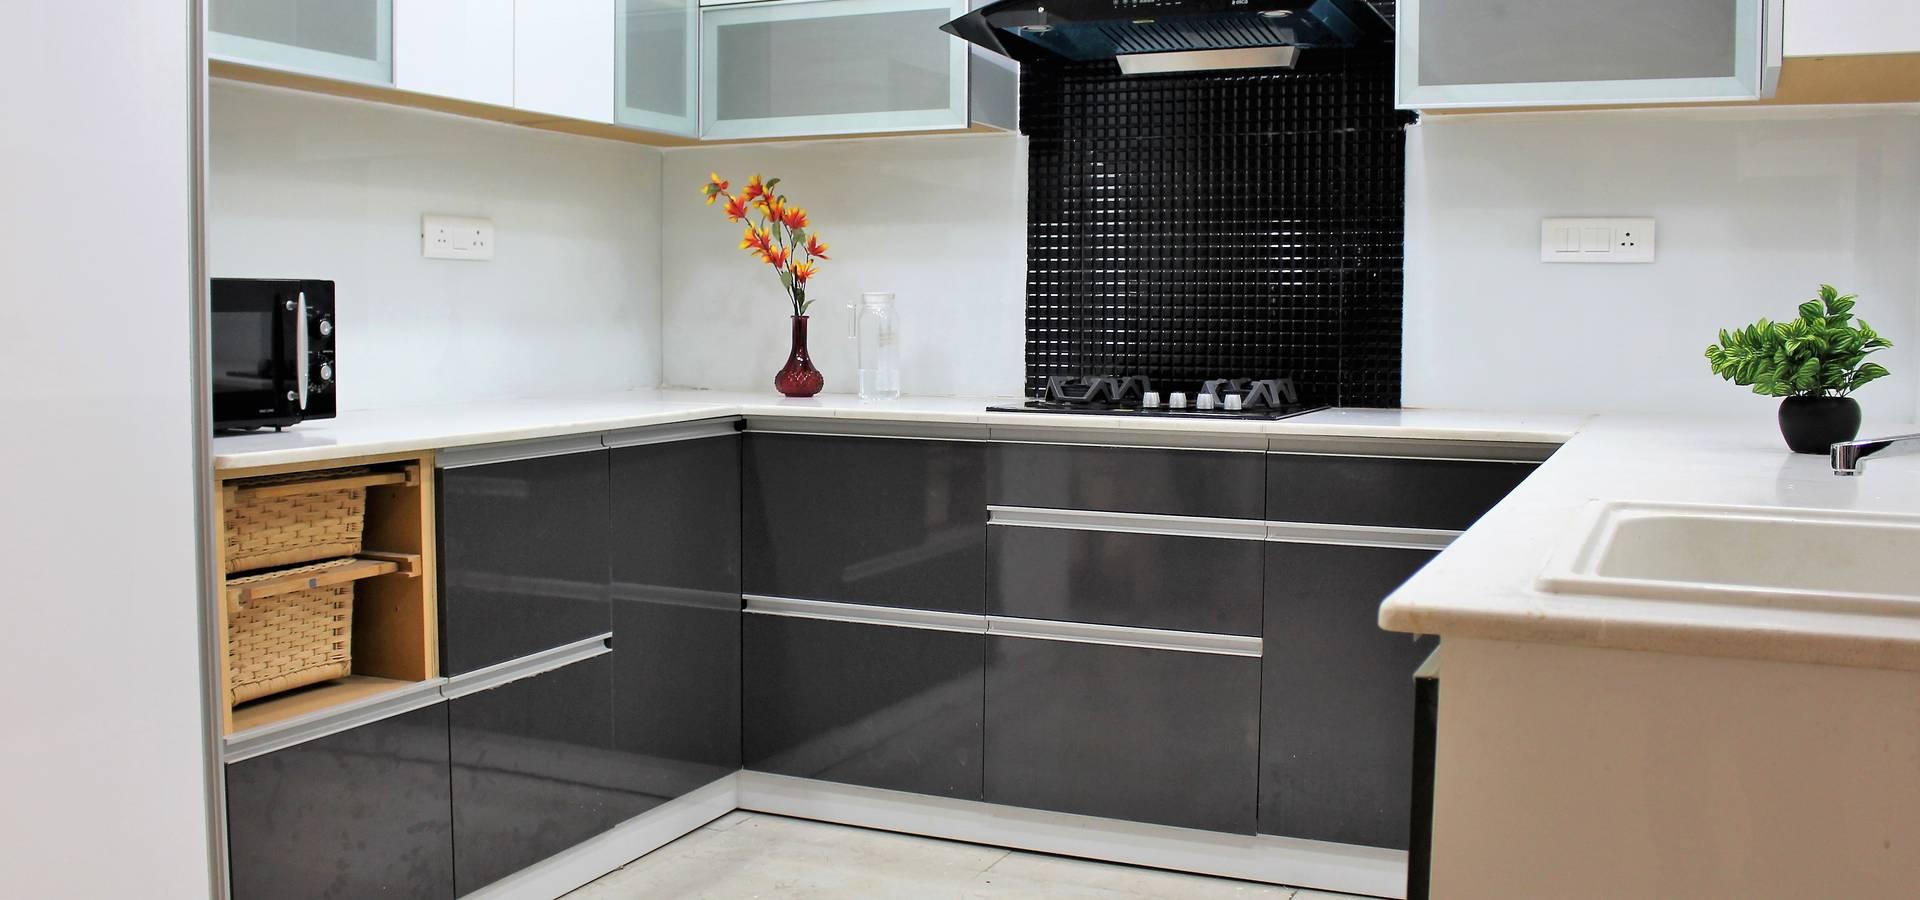 Easyhomz Interiors Pvt Ltd